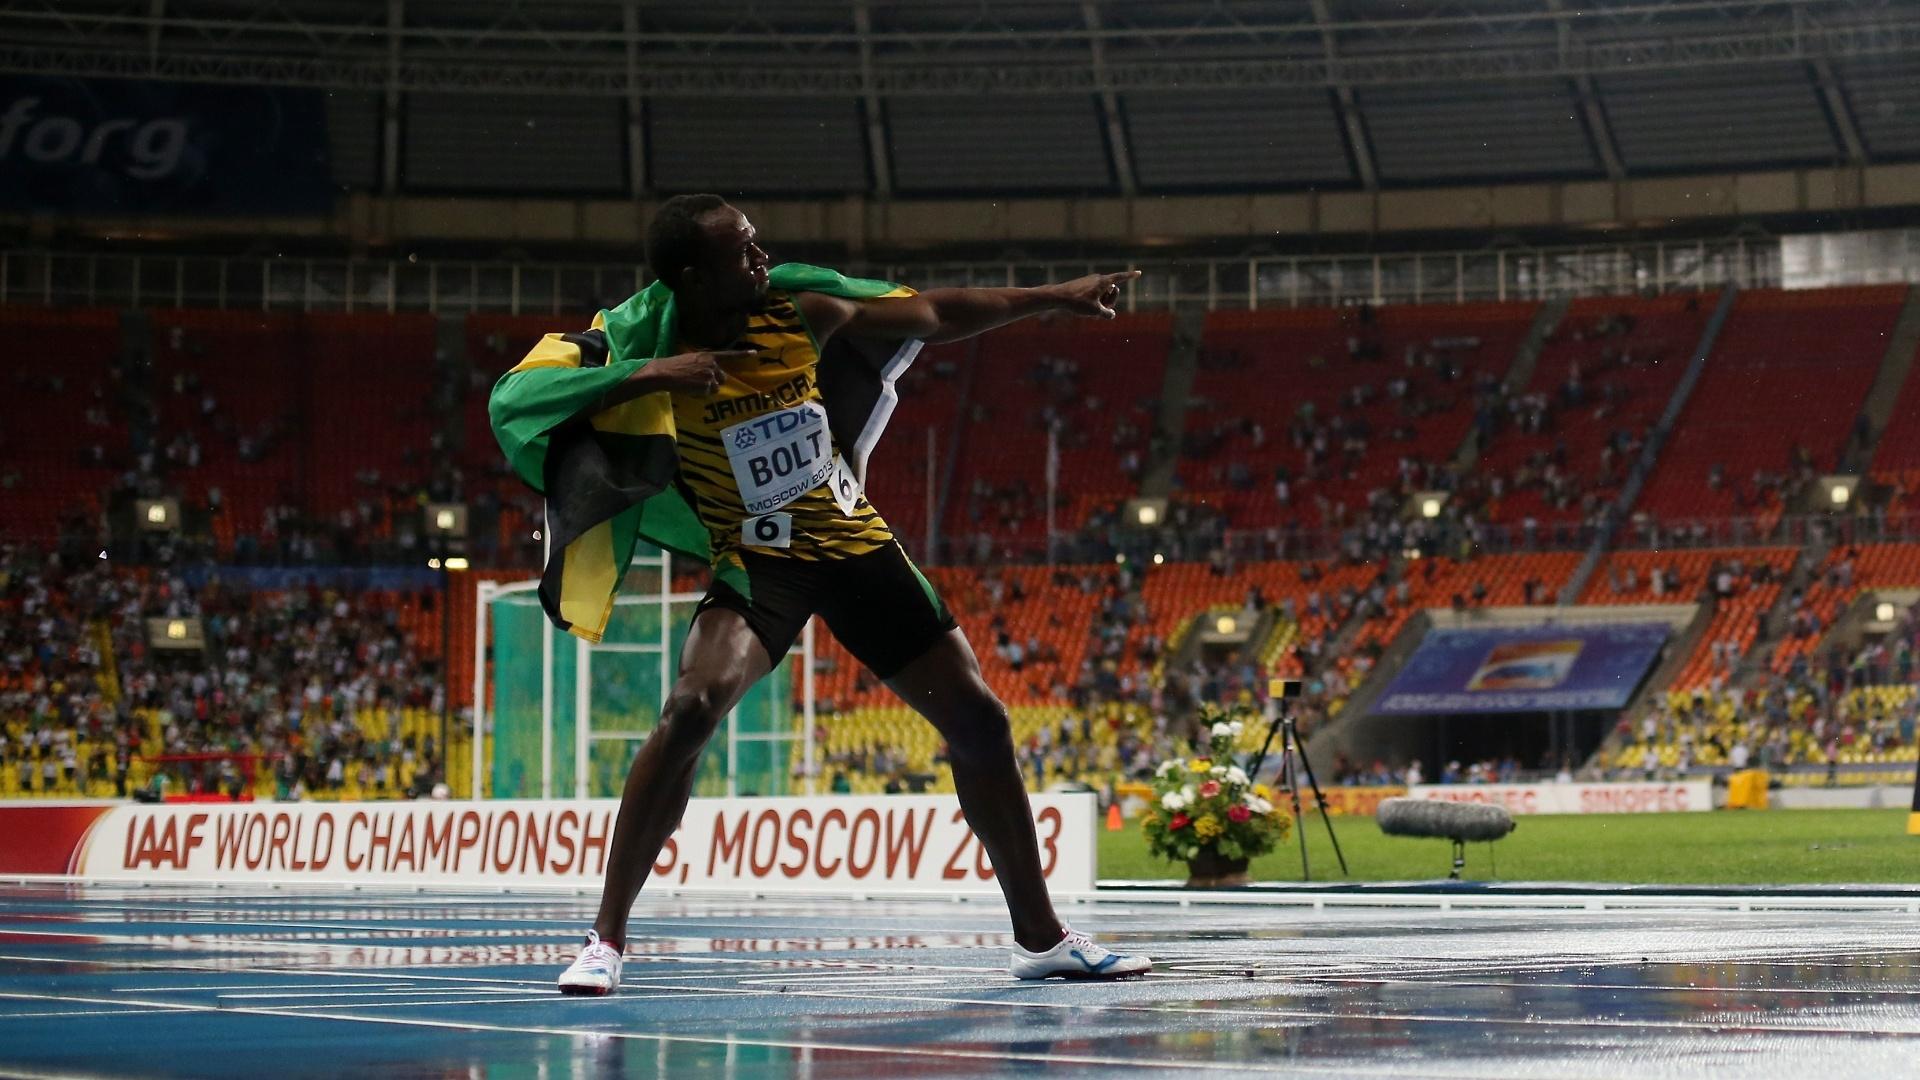 11.ago.2013 - Jamaicano Usain Bolt comemora a vitória nos 100m com seu tradicional raio